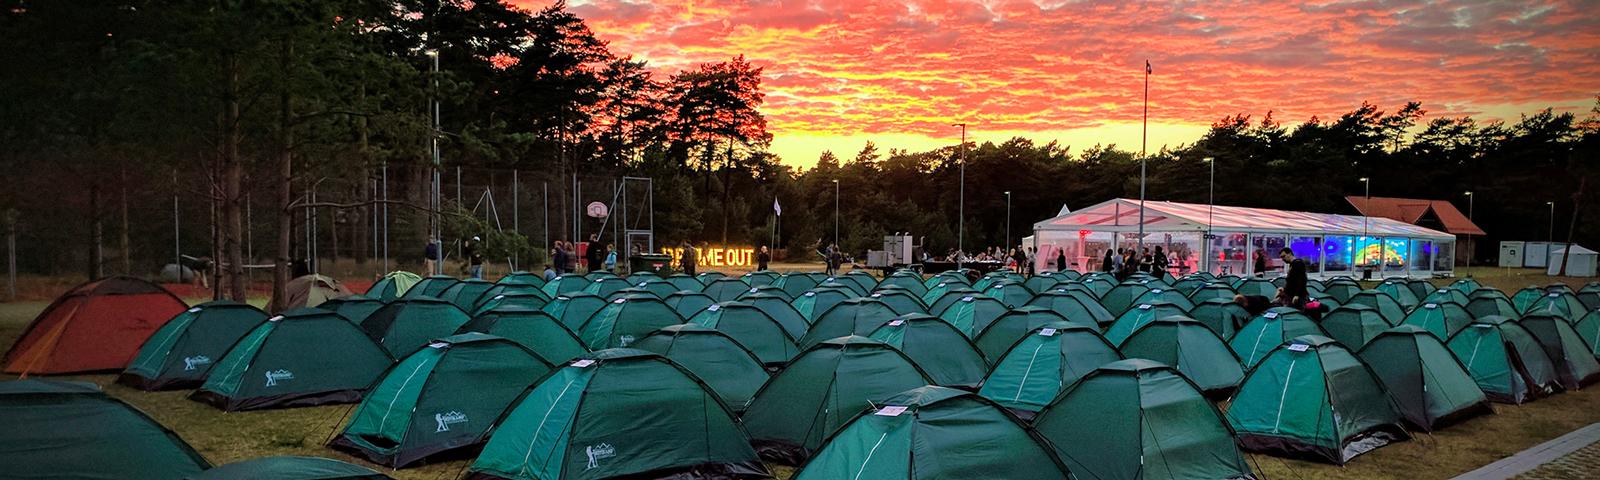 городок палаток фото